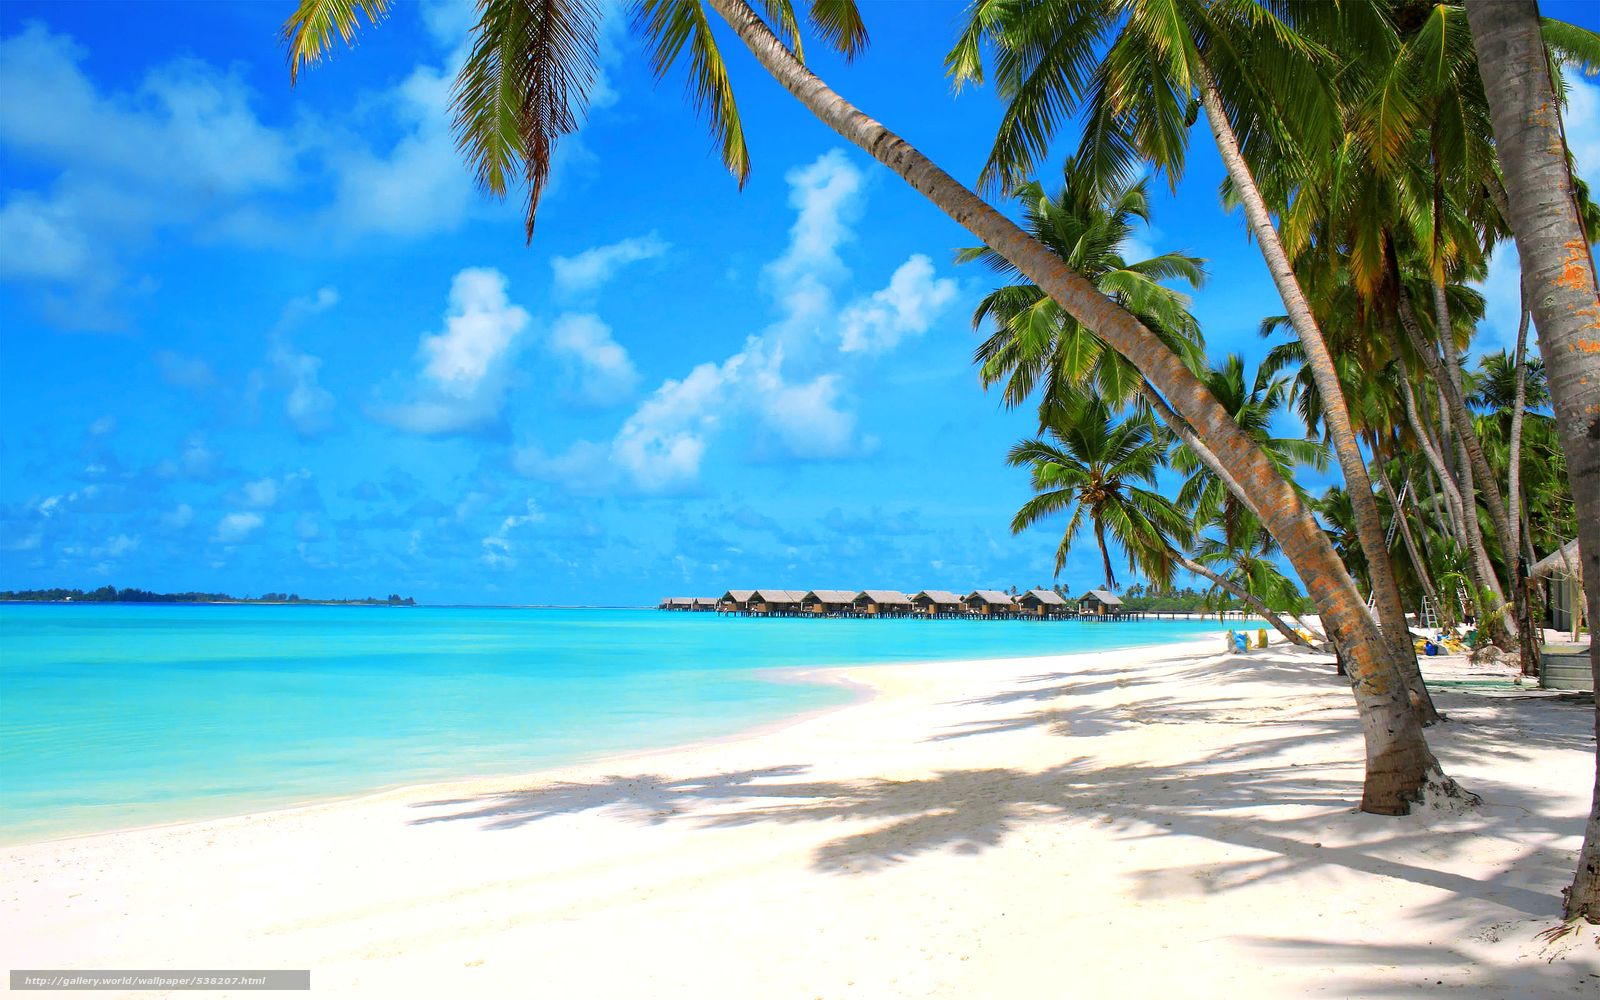 Tlcharger fond d 39 ecran tropiques mer plage fonds d 39 ecran for Immagini desktop mare